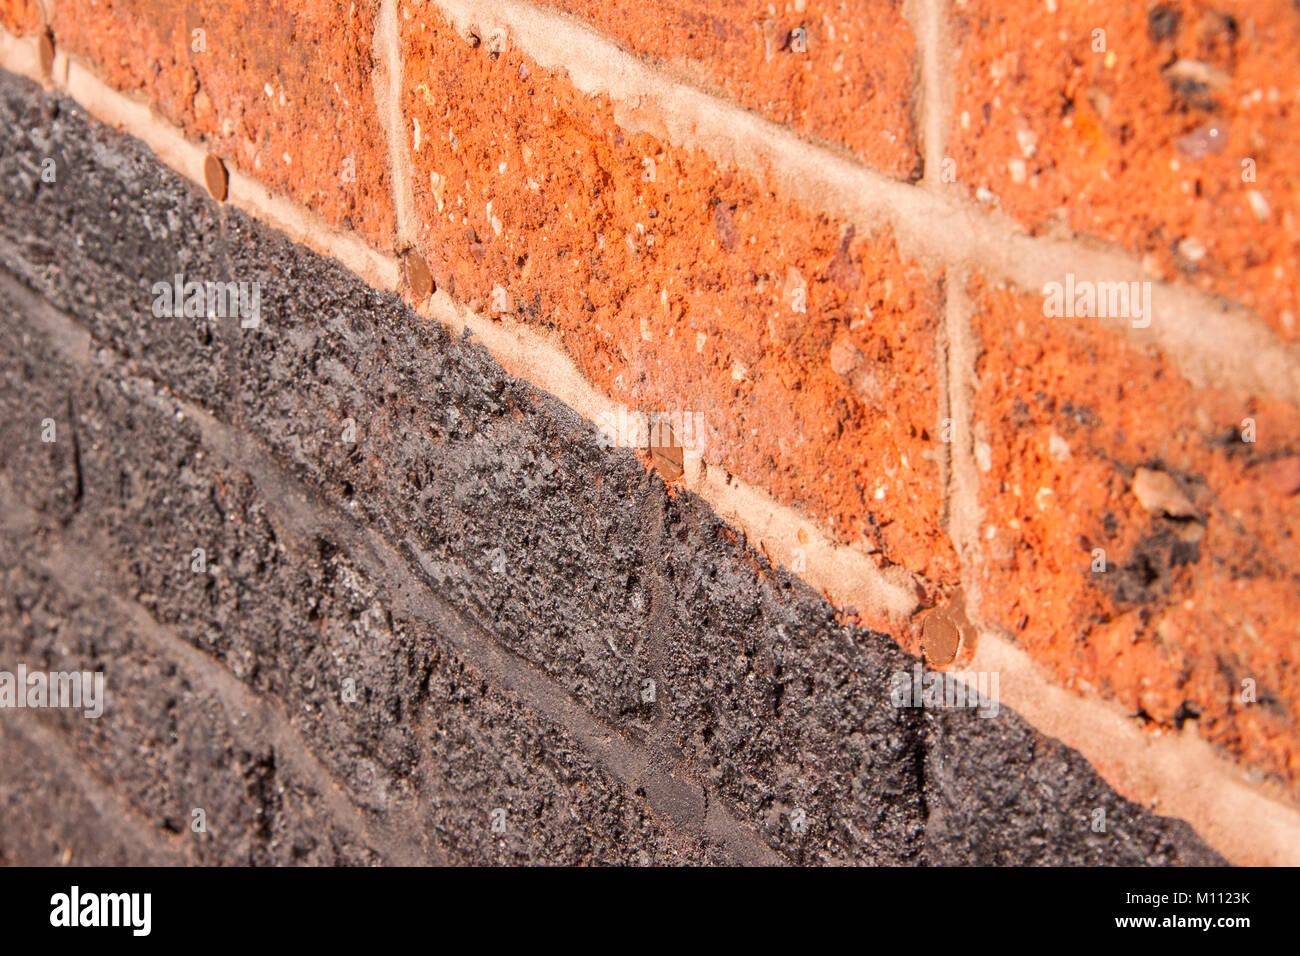 Mur de brique rouge montrant trous remplis plus d'après une preuve humide cours a été injecté Photo Stock